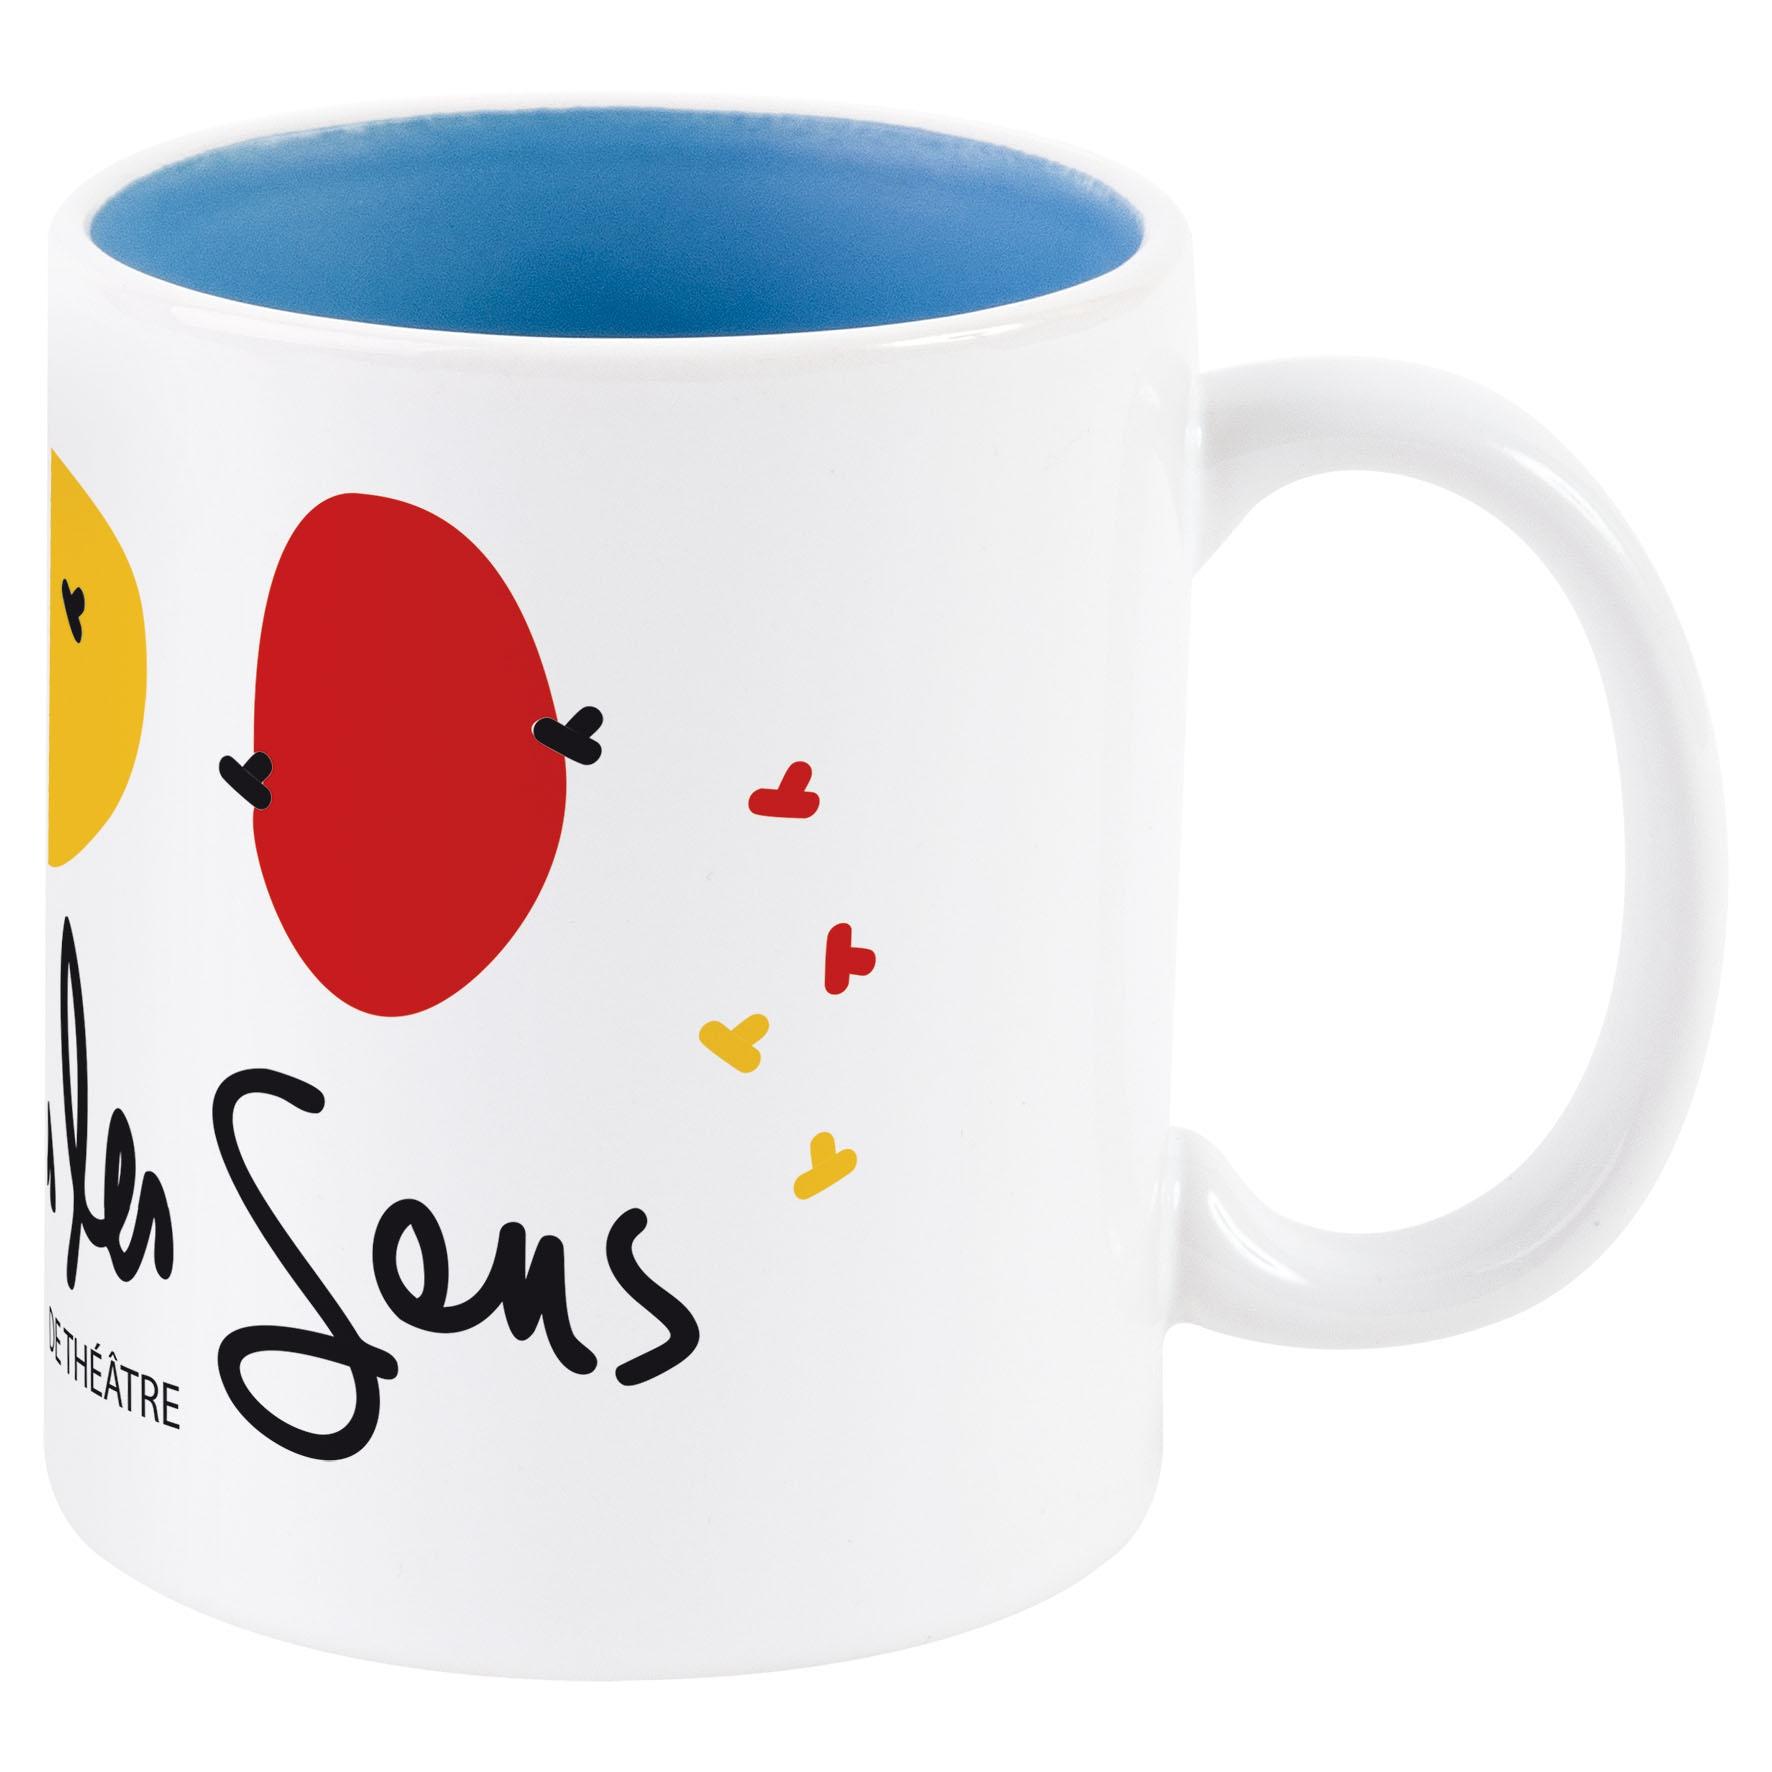 Objet promotionnel - Mug publicitaire Bicolore pour sublimation 31 cl